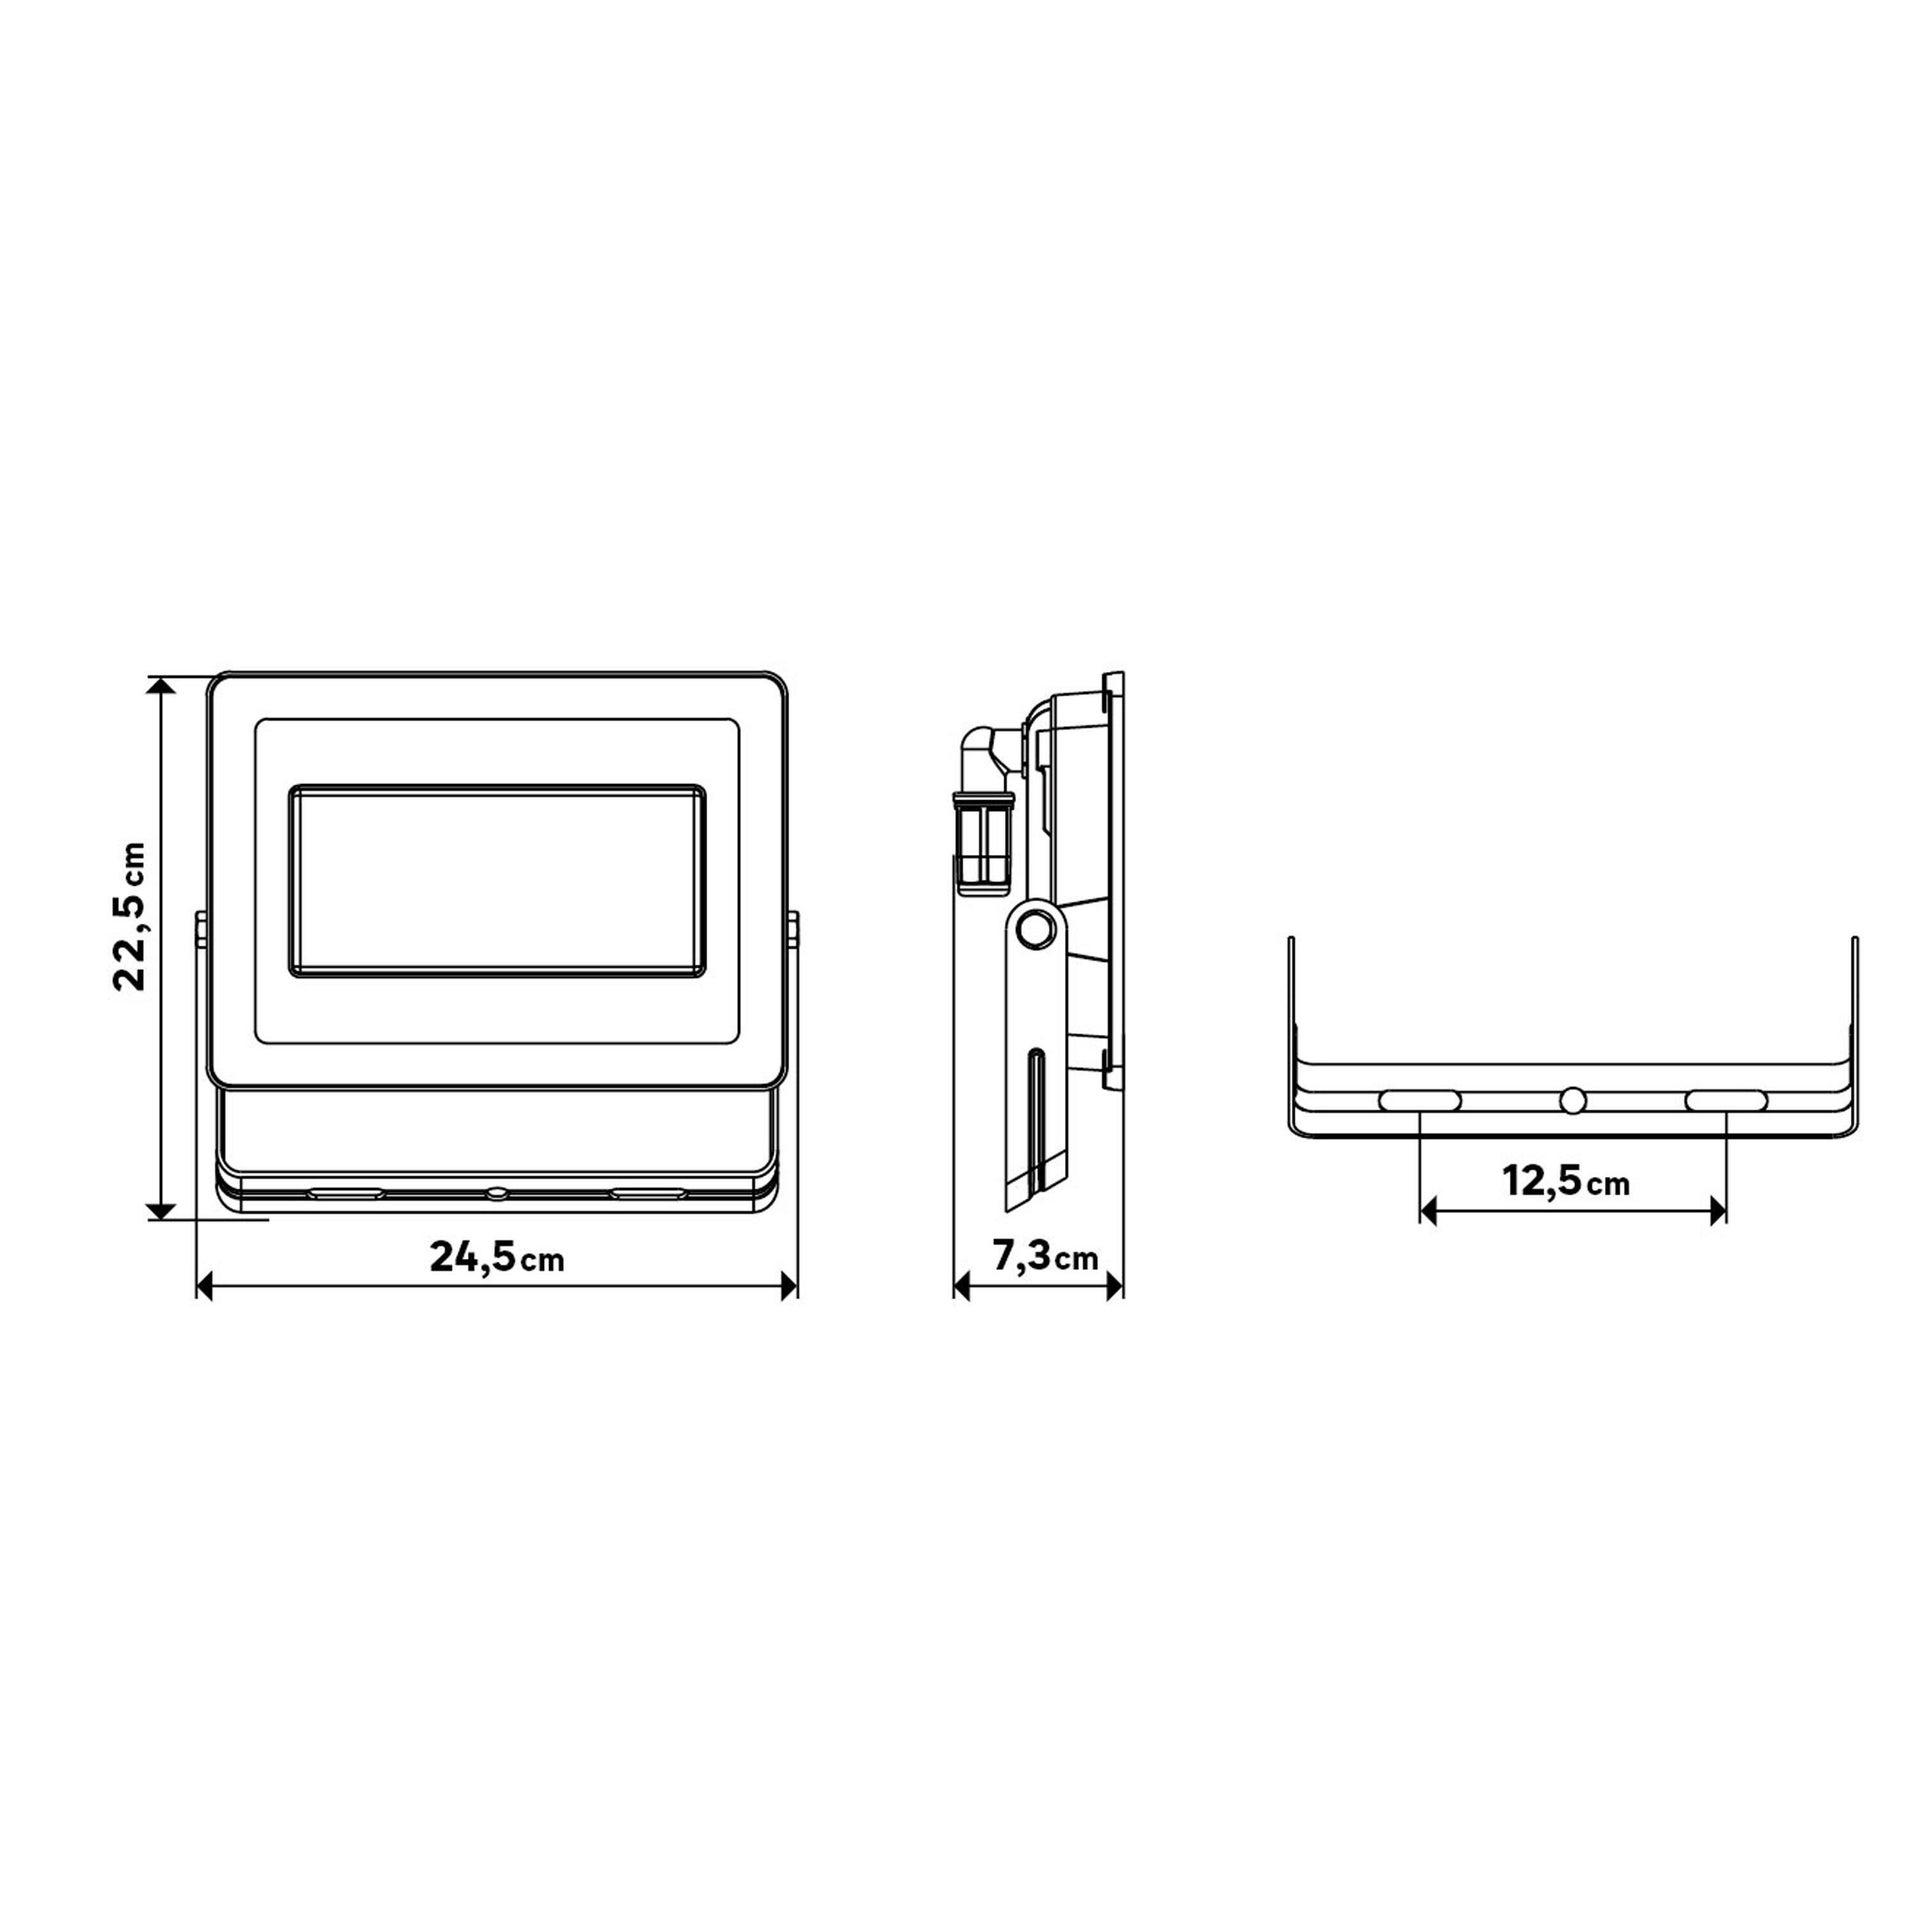 Proiettore LED integrato Yonkers in alluminio, antracite, 100W 6500LM IP65 INSPIRE - 6